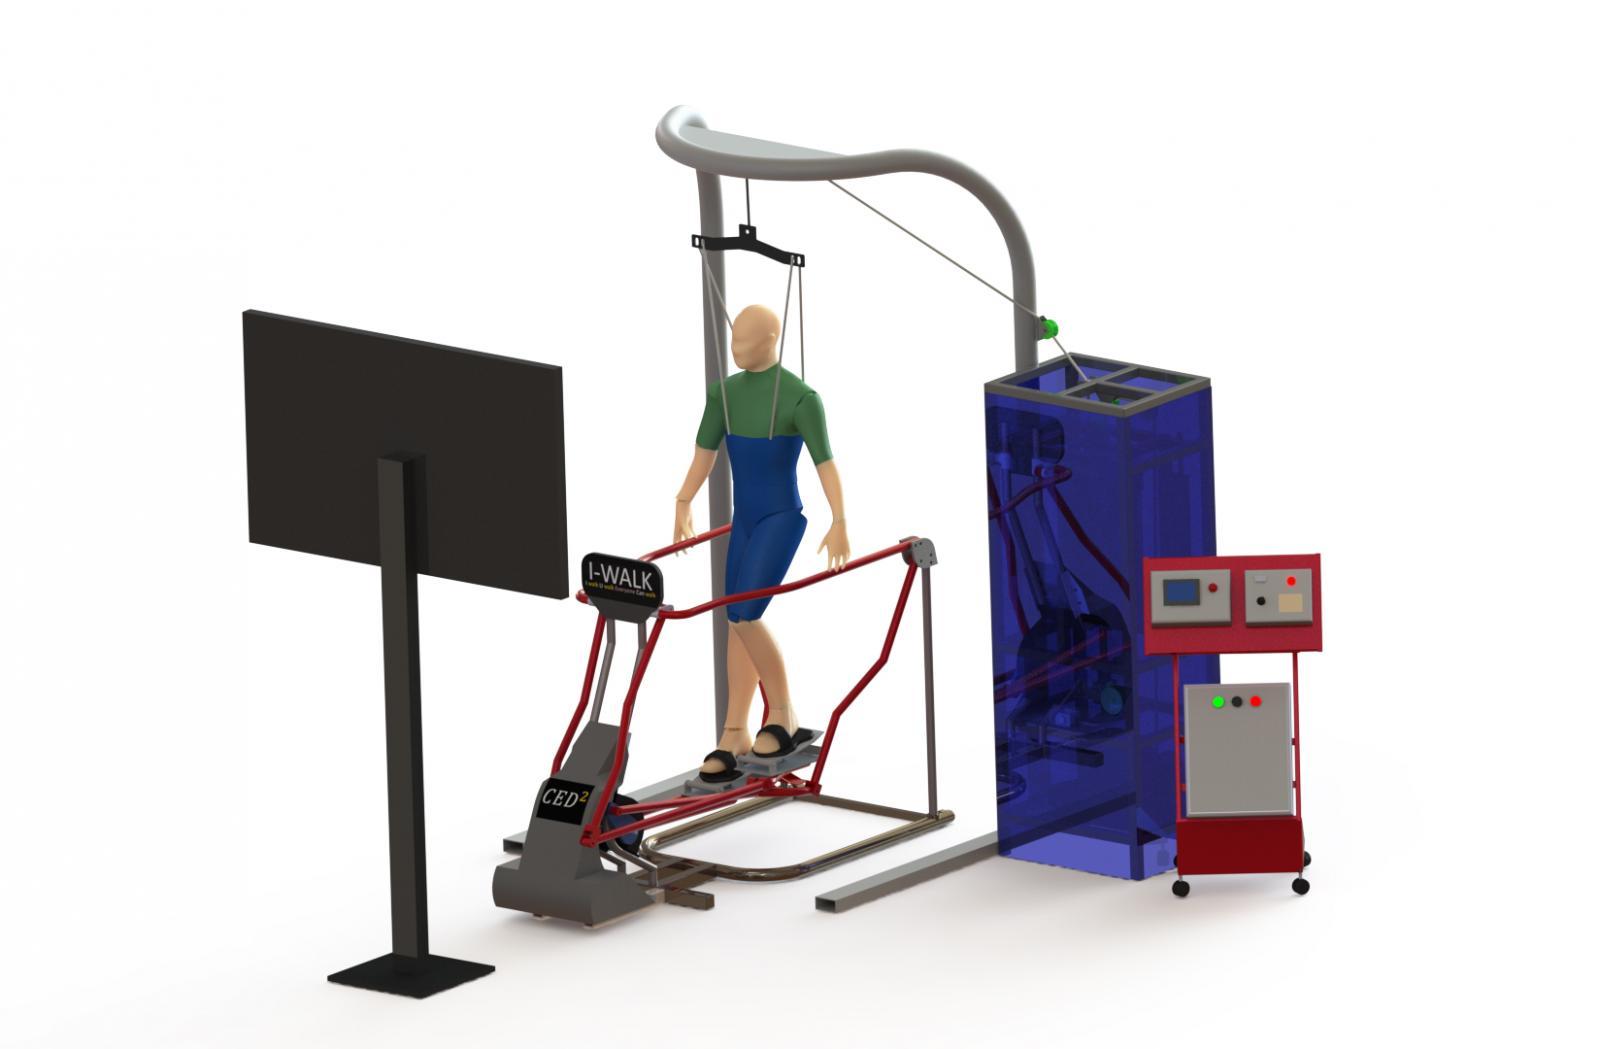 'I Walk' นวัตกรรมฟื้นฟูผู้ป่วยอัมพาตครึ่งซีก